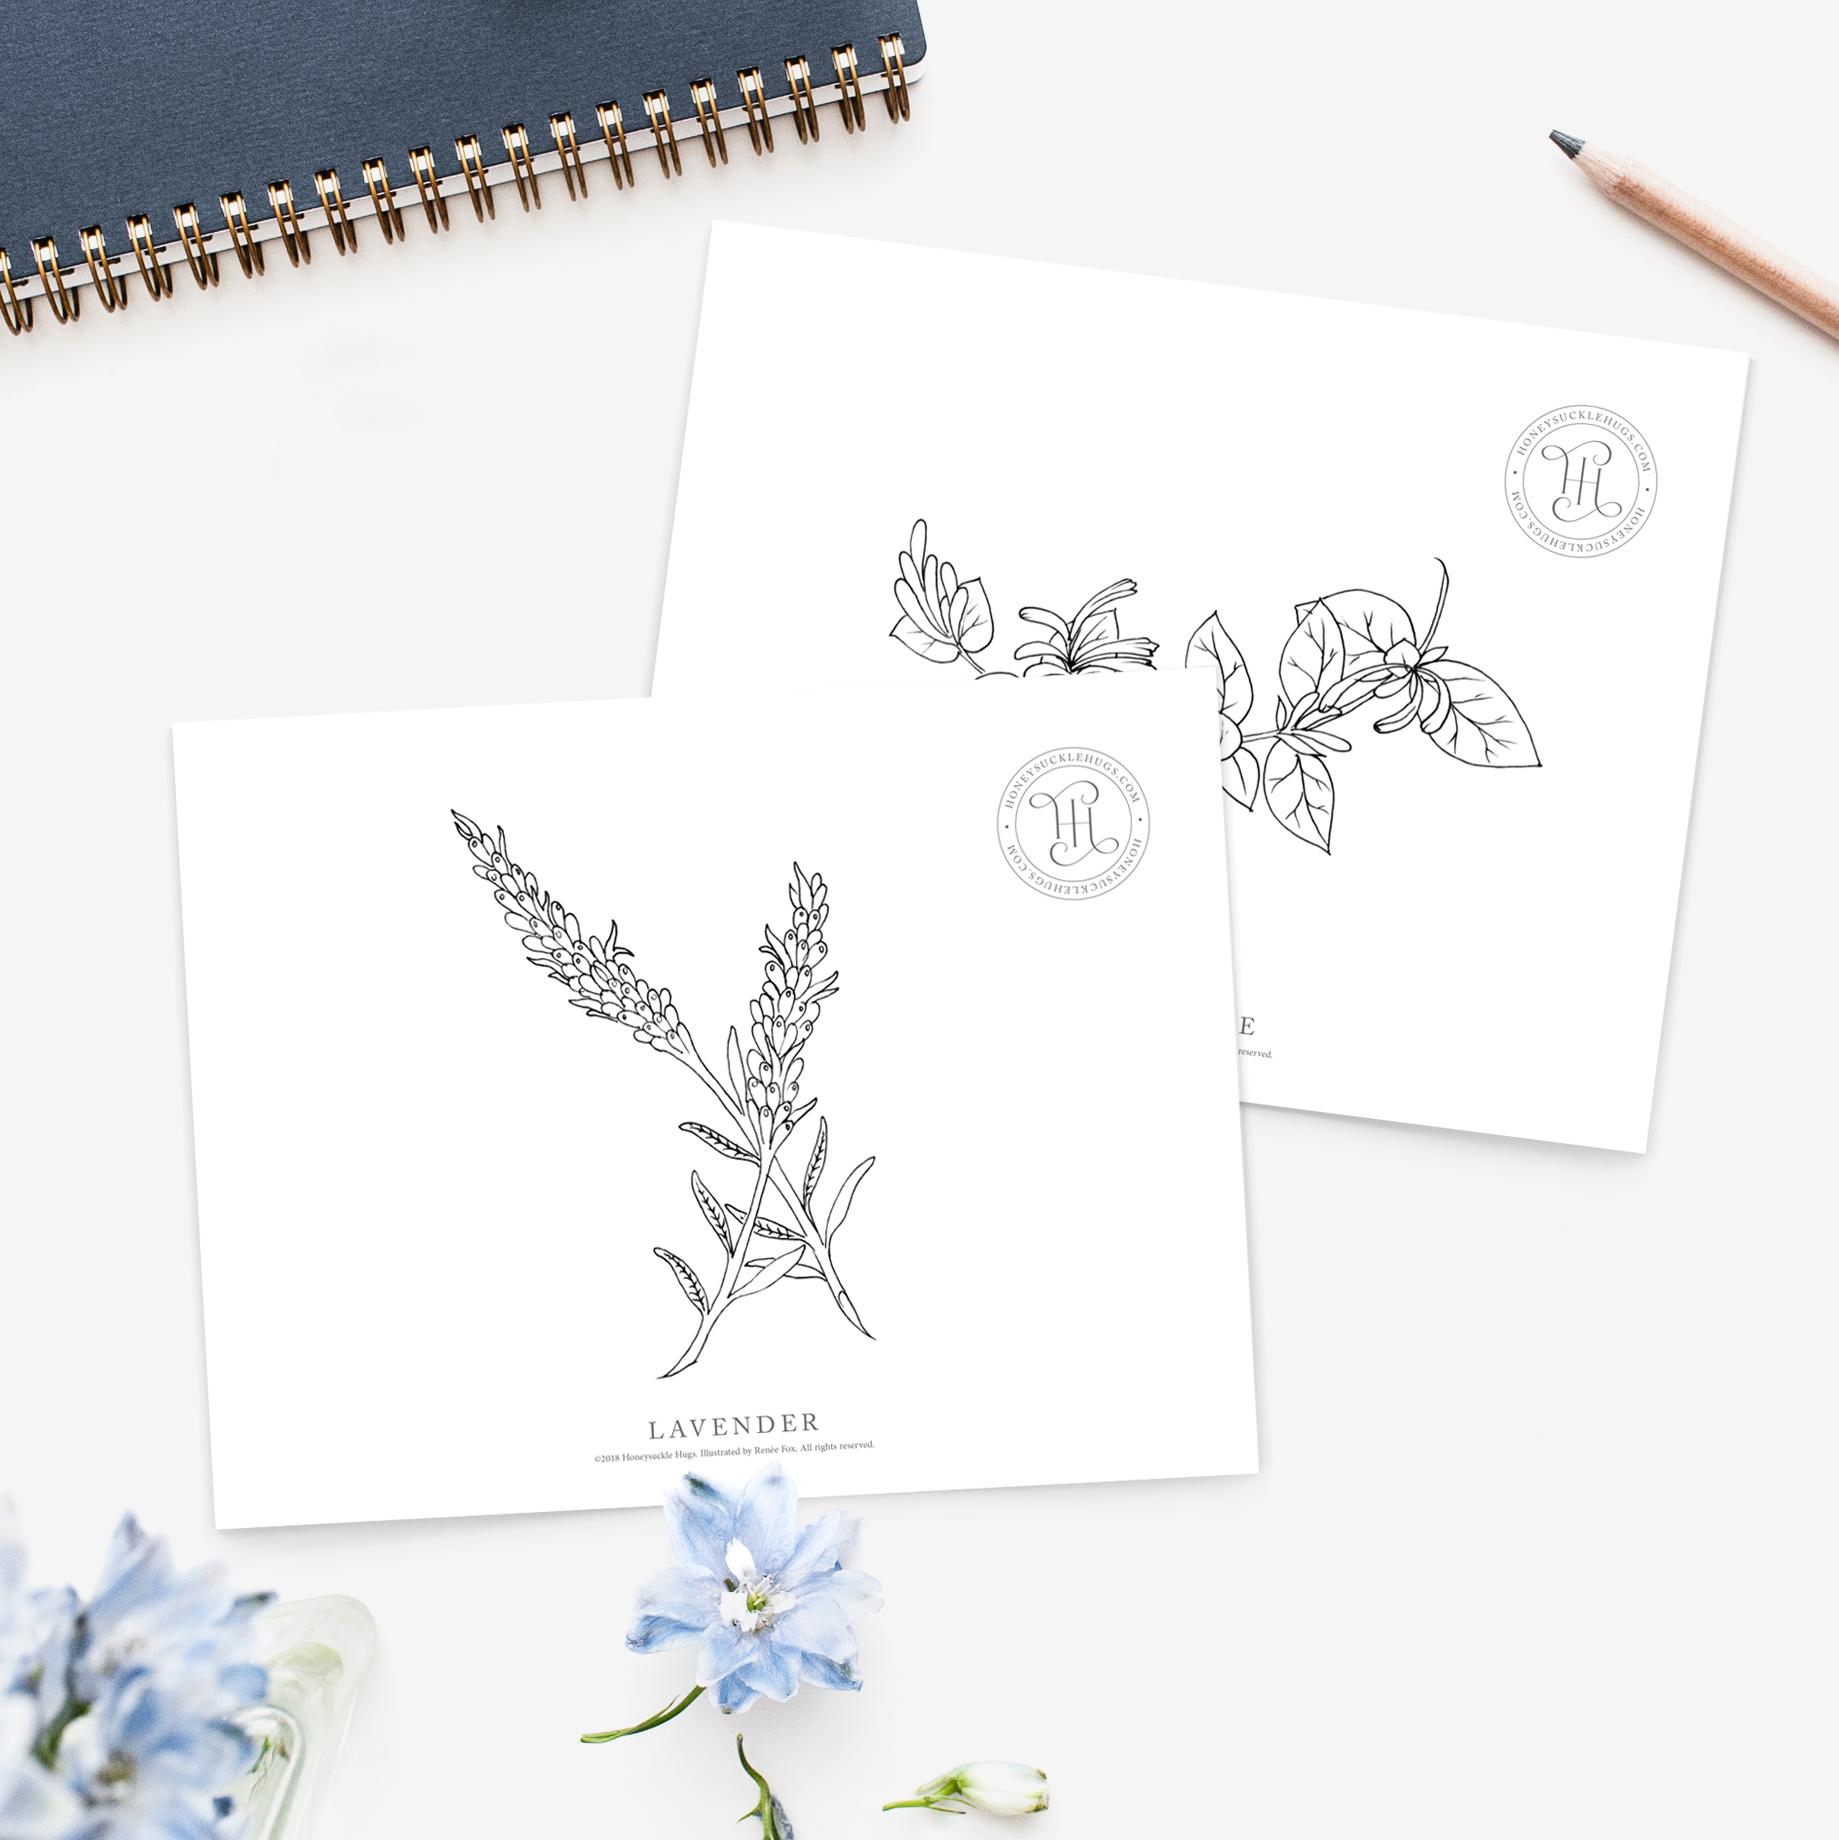 Honeysuckle-Hugs-coloring-pages.jpg